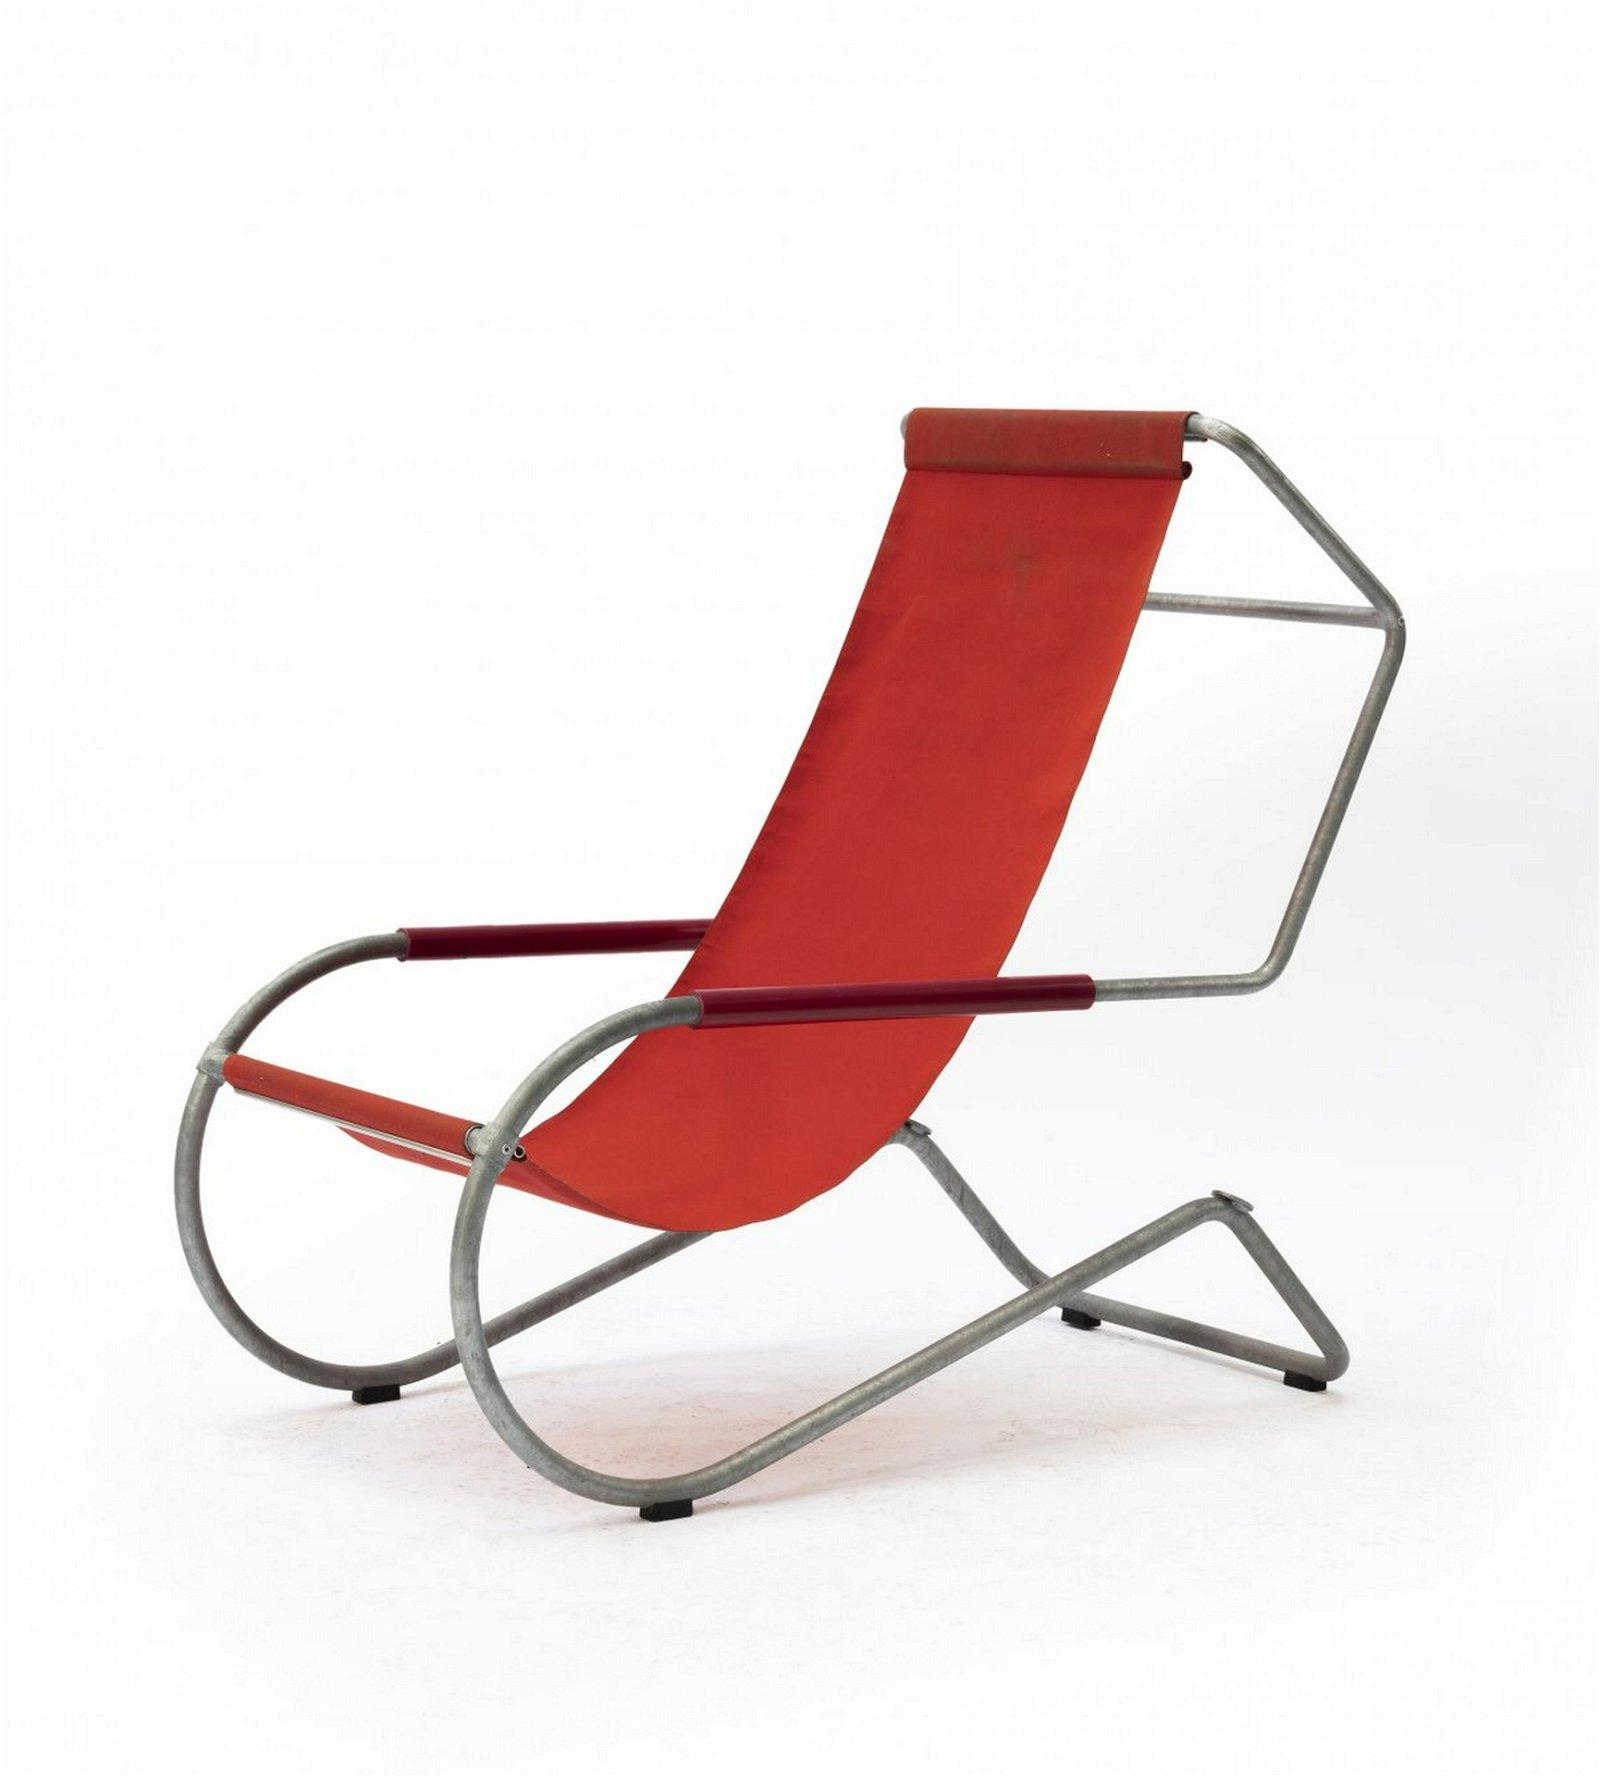 Battista und Gino Giudici, 'Lido' sun chair, 1935